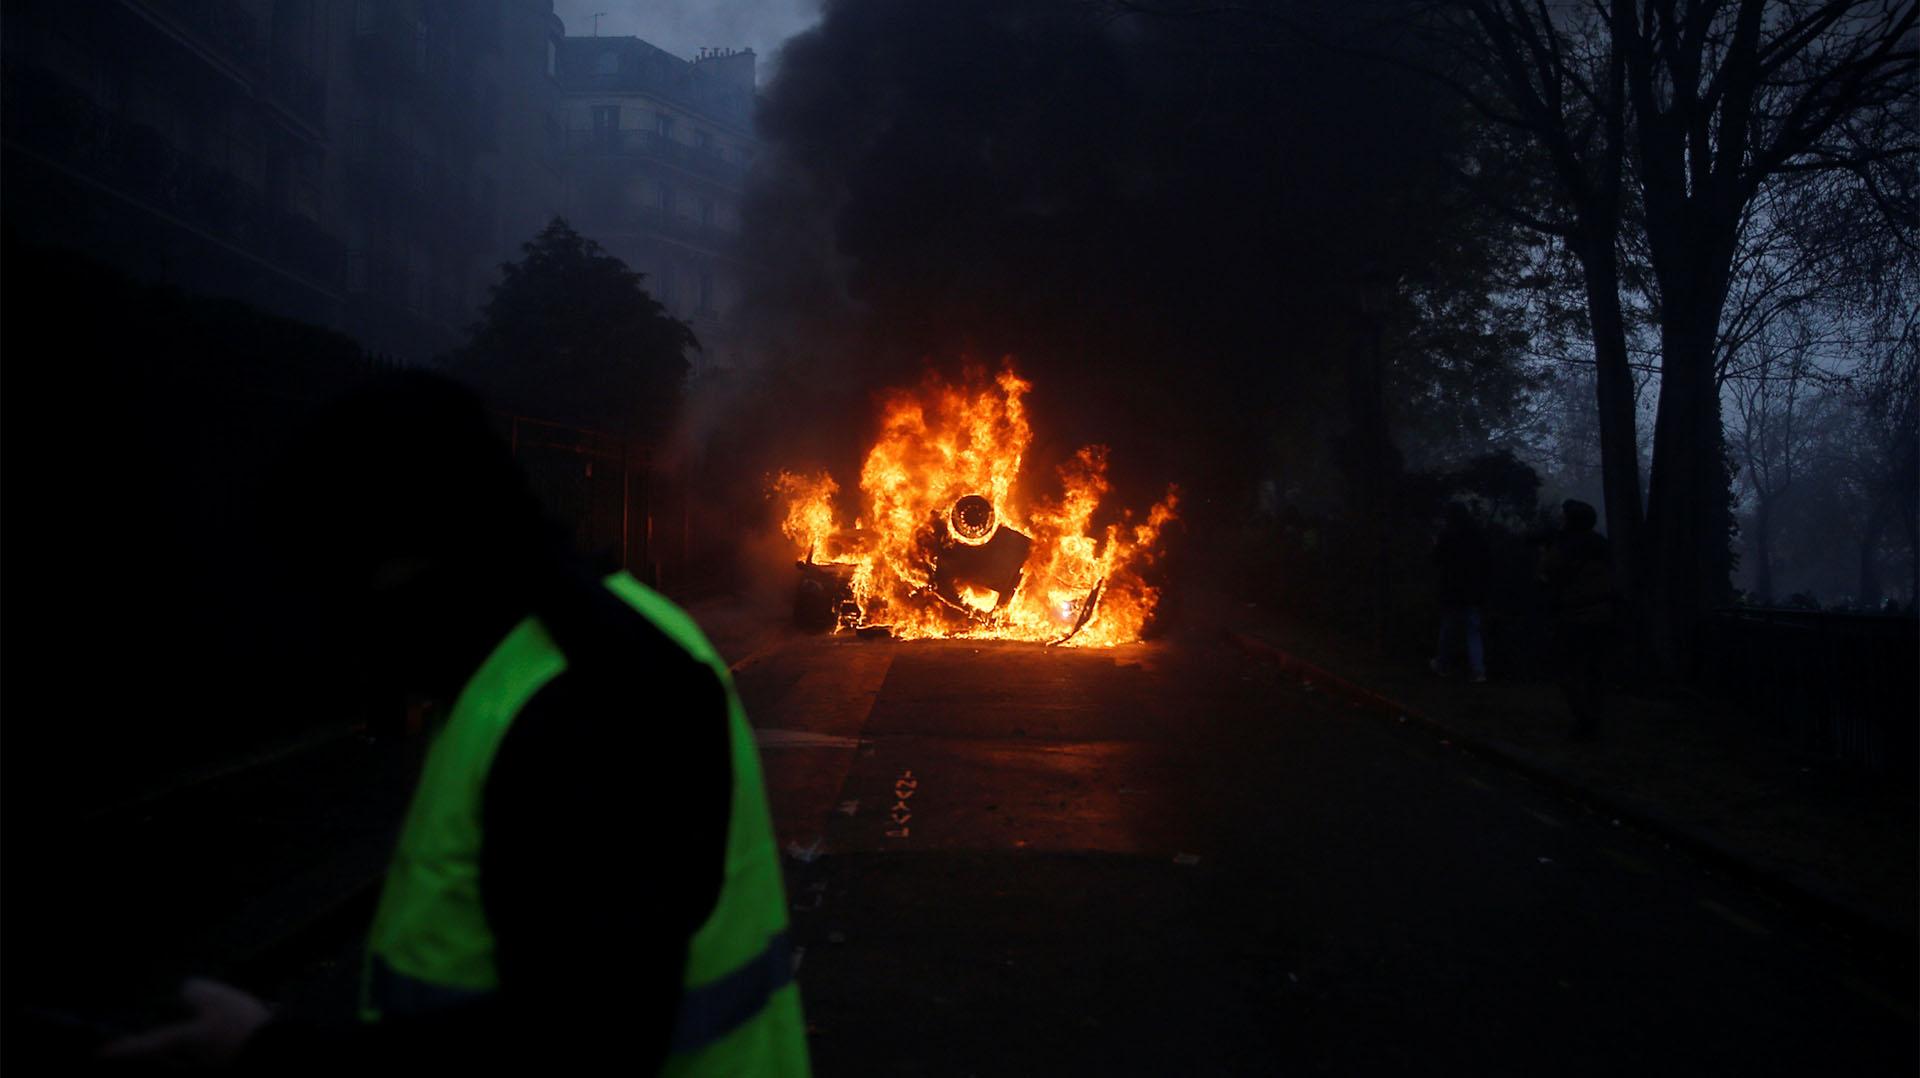 """Hay """"200 manifestantes pacíficos en Campos Elíseos"""" y """"1.500 agitadores (…) que buscan pelea. Nuestras fuerzas de seguridad responden presente y repelen a los alborotadores"""", tuiteó el ministro francés del Interior, Christophe Castaner (Reuters)"""